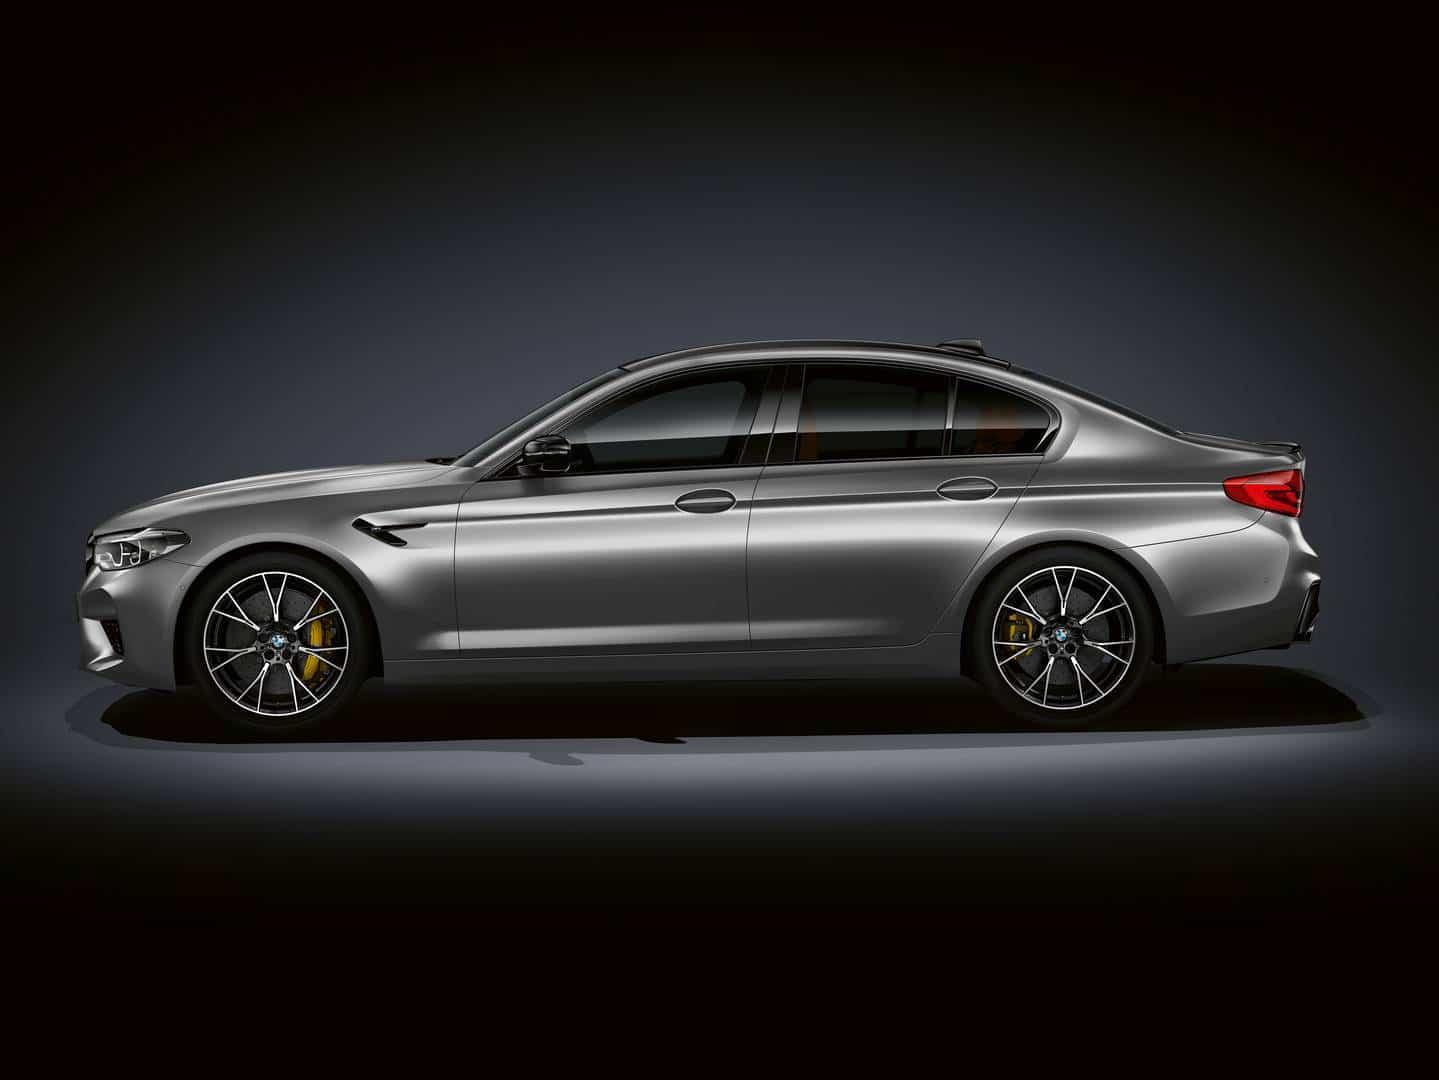 2019 BMW F90 M5